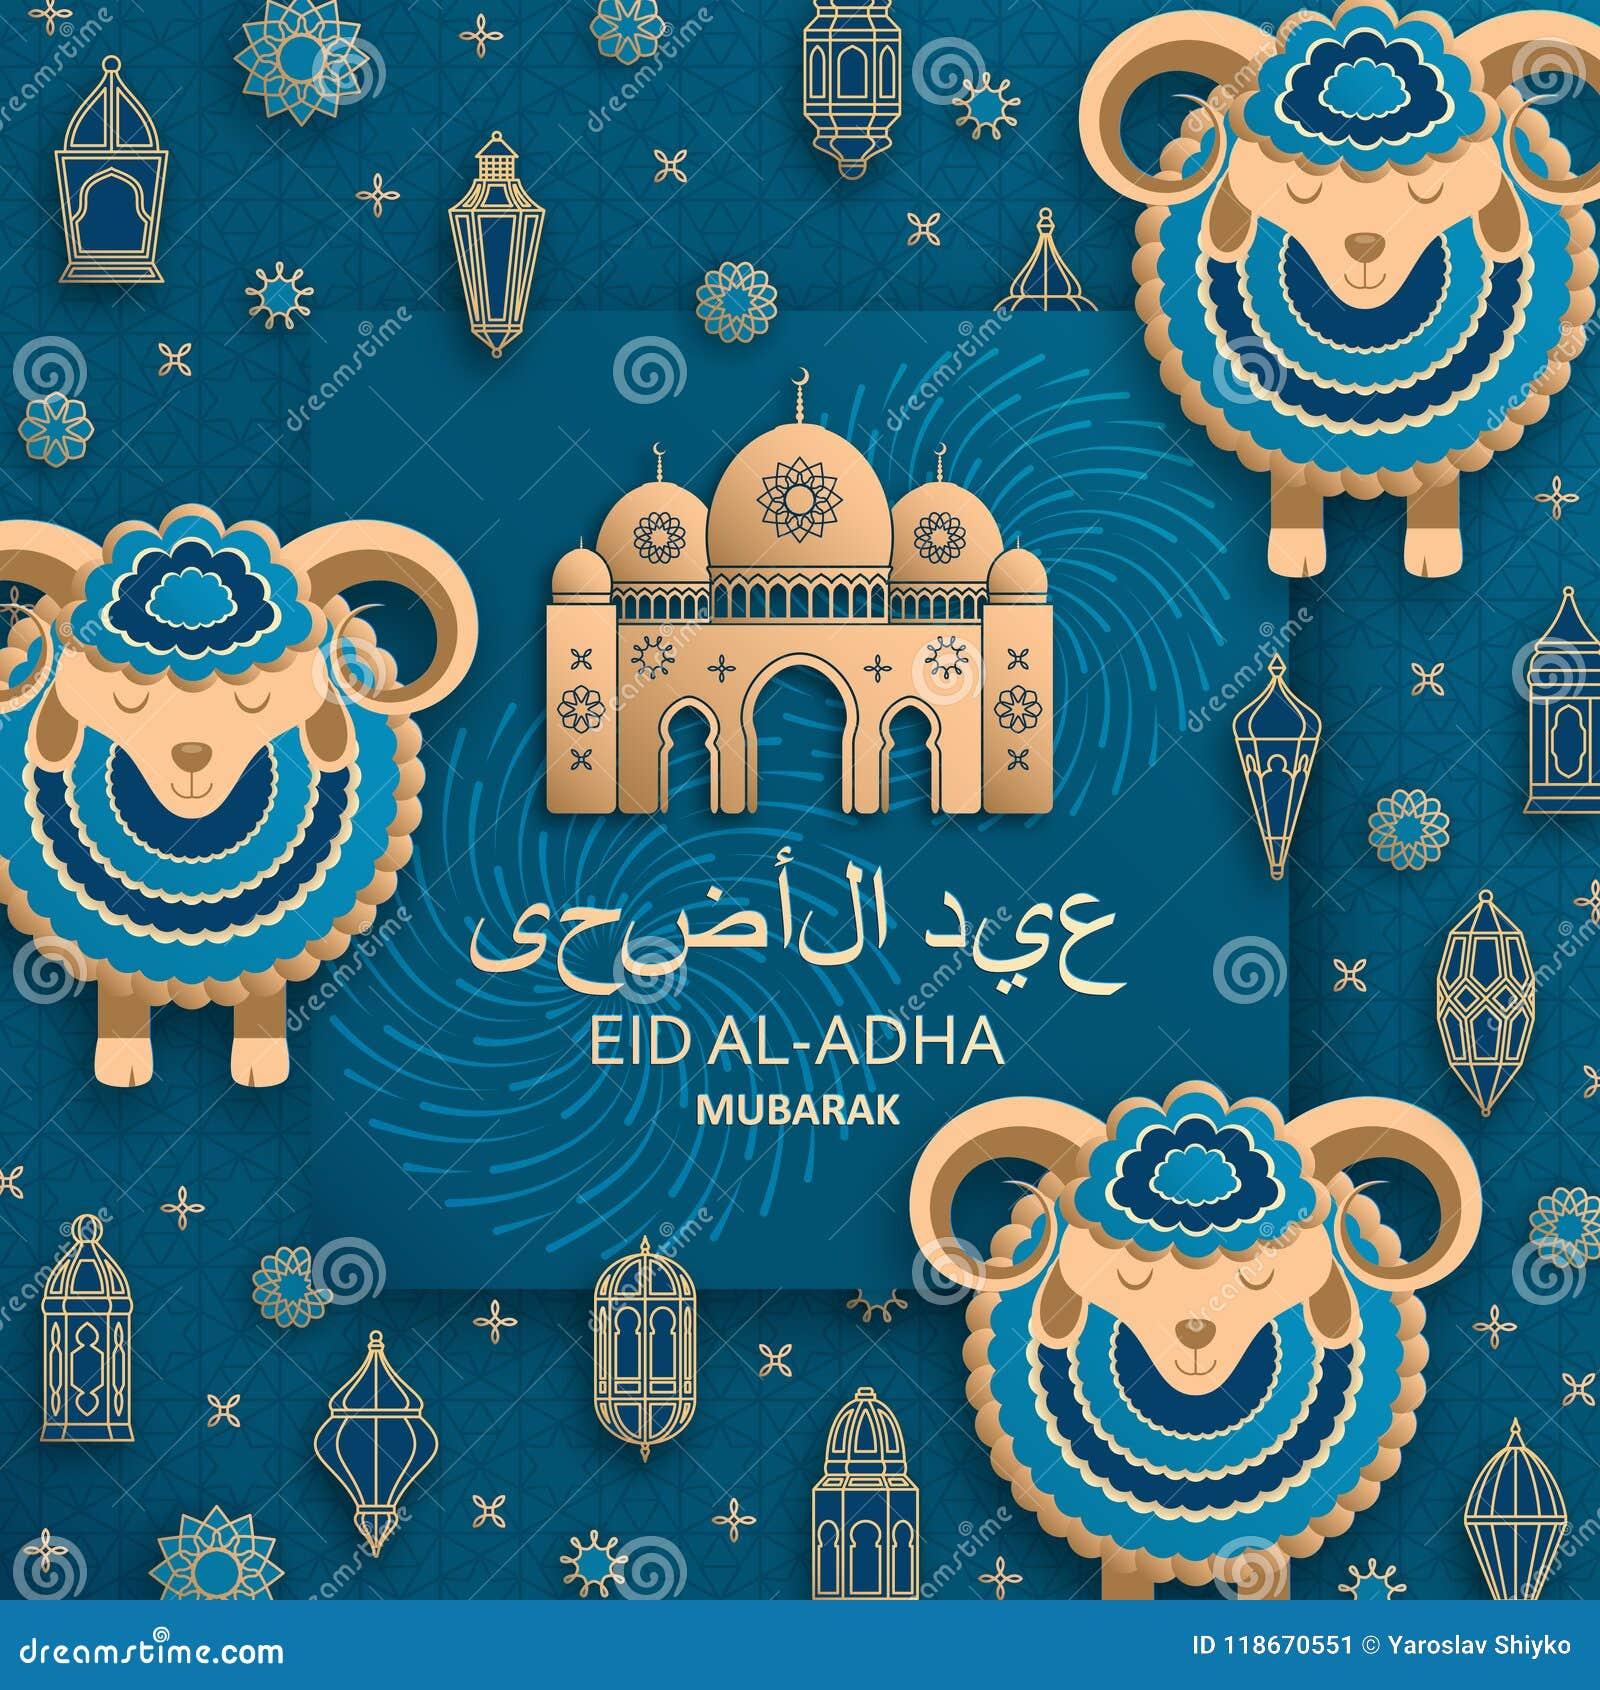 Eid Al Adha Background Islamic Arabic Lanterns And Sheep